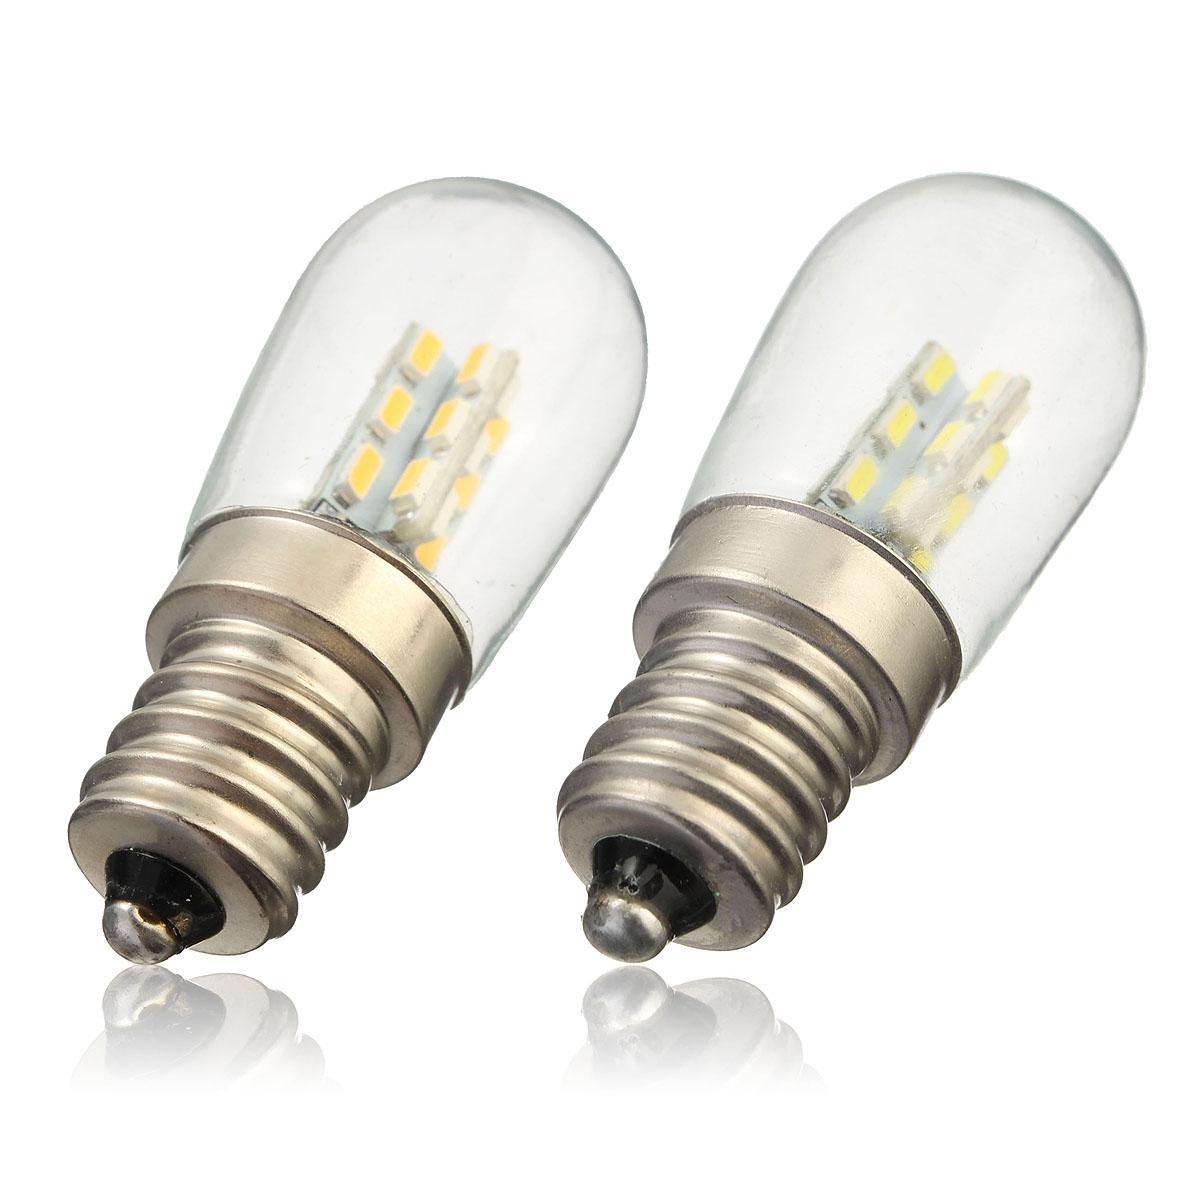 Pur Réfrigérateur De Ombrage Brillant Lampe 2w 24 Pour Machine Coudre Smd Allumant Ampoule E12 Blanc 220v D En Chaud Haute Verre À Led Le 3014 4R3A5Lj